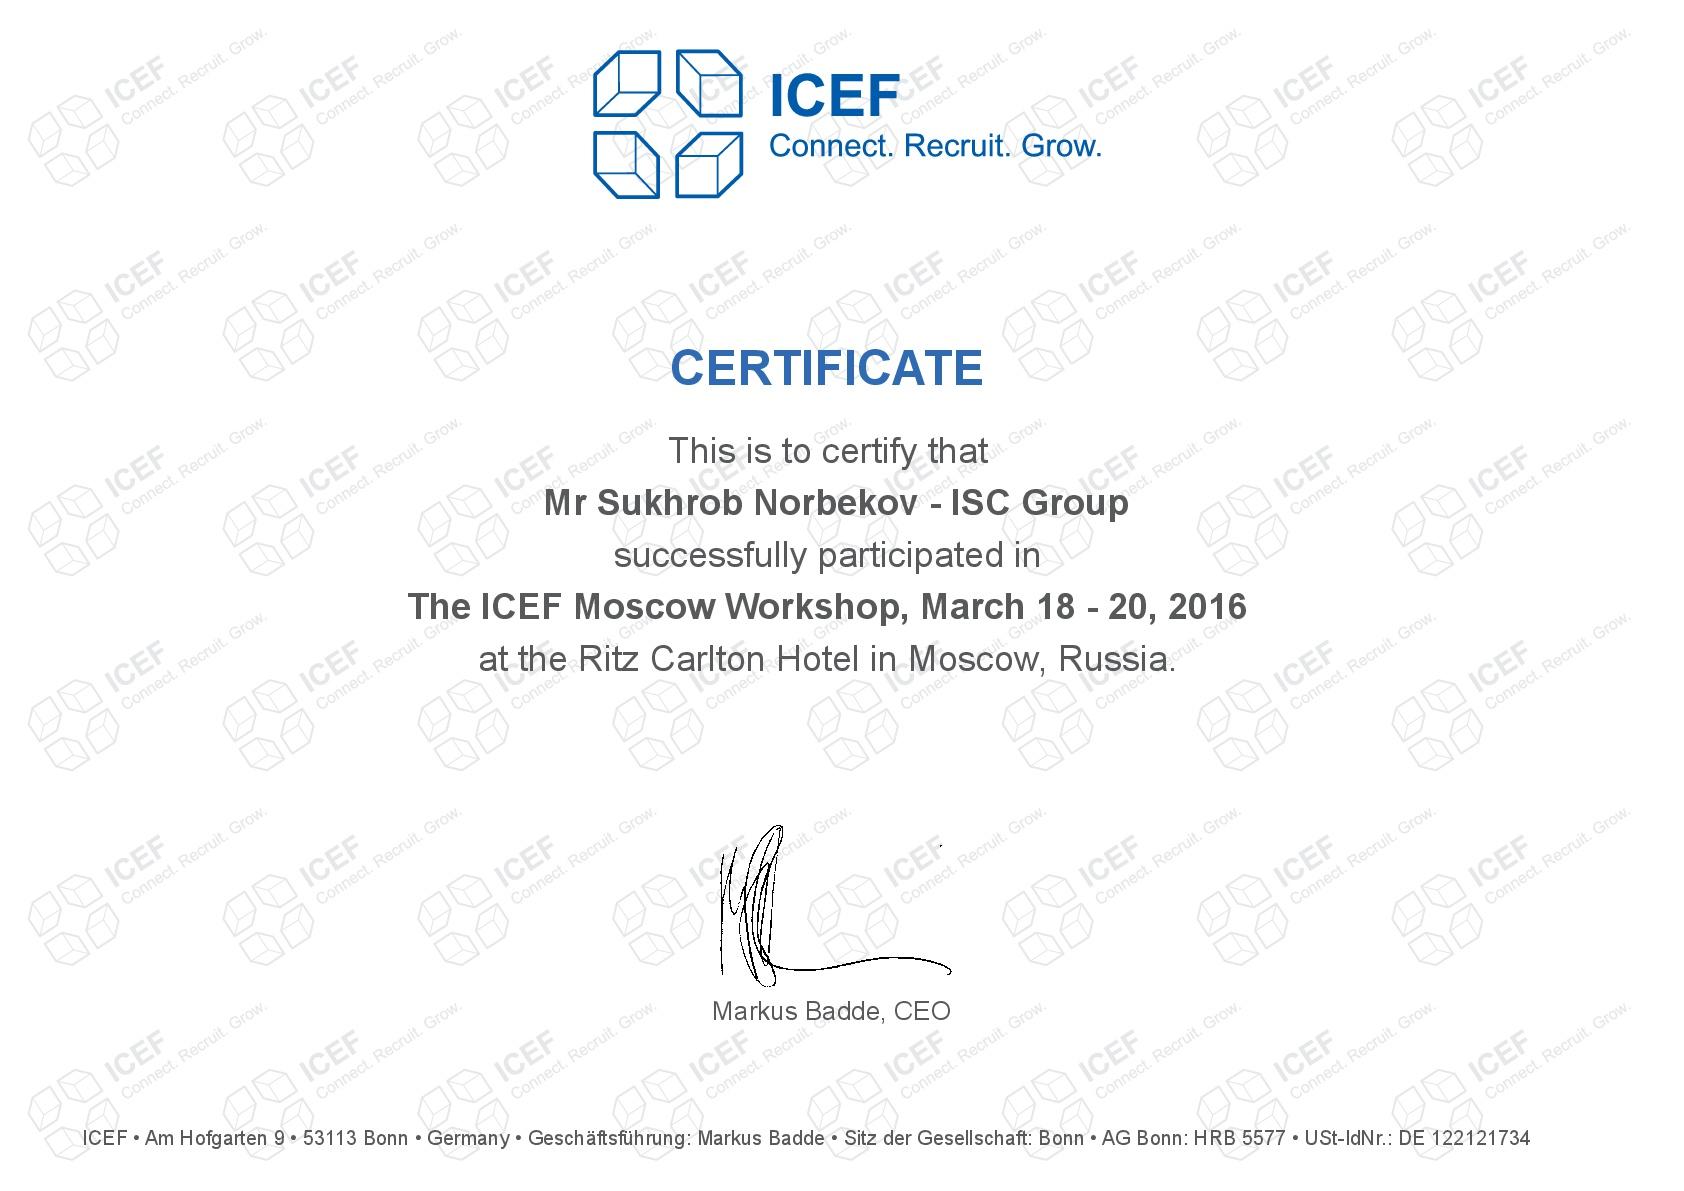 Сертификат, полученный в Москве, Россия, 2016